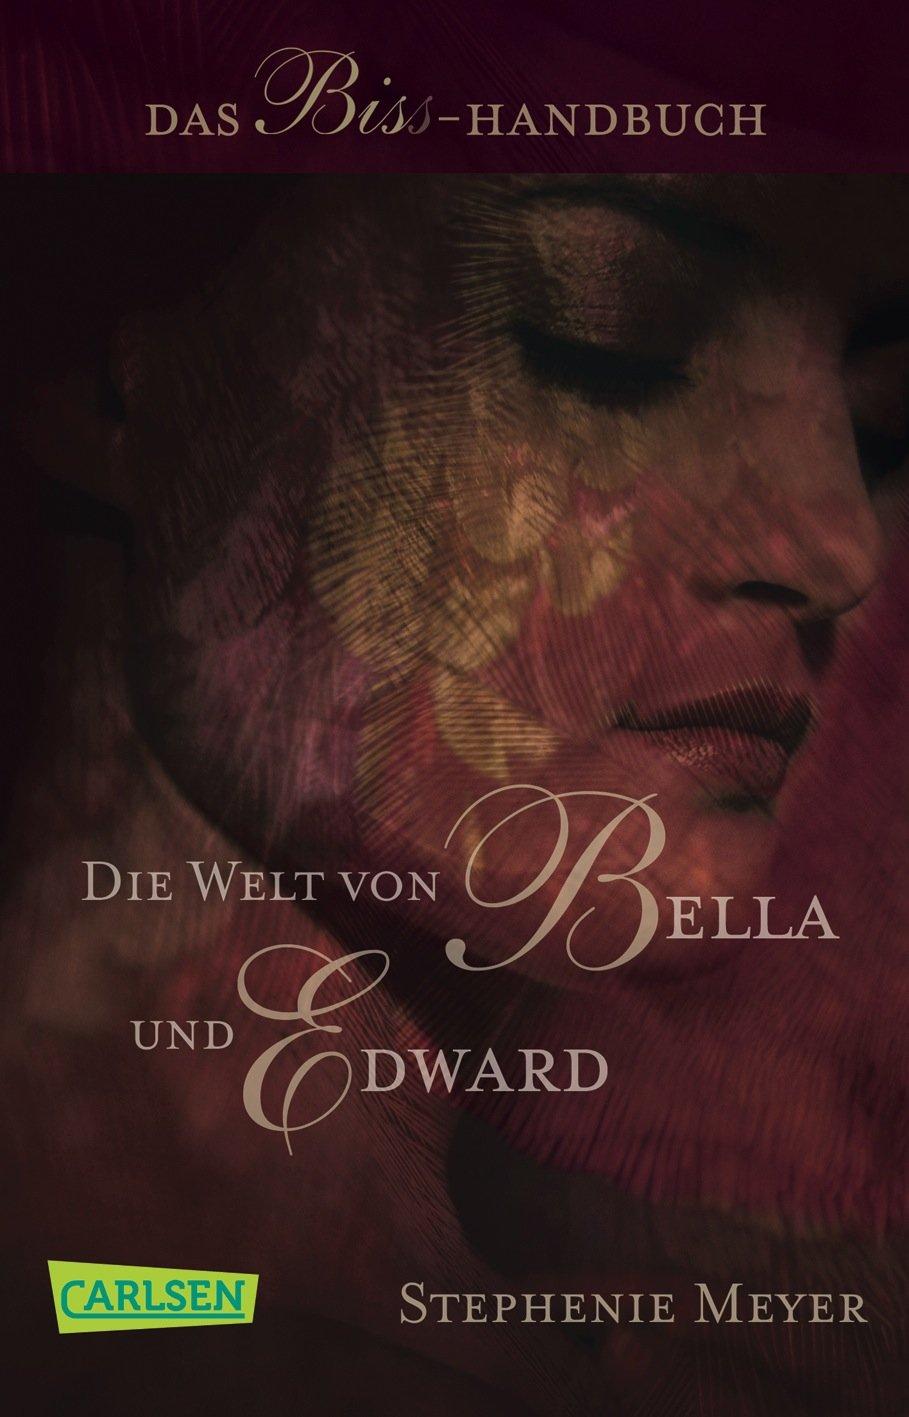 Die Welt von Bella und Edward (Bella und Edward ): Das Biss-Handbuch